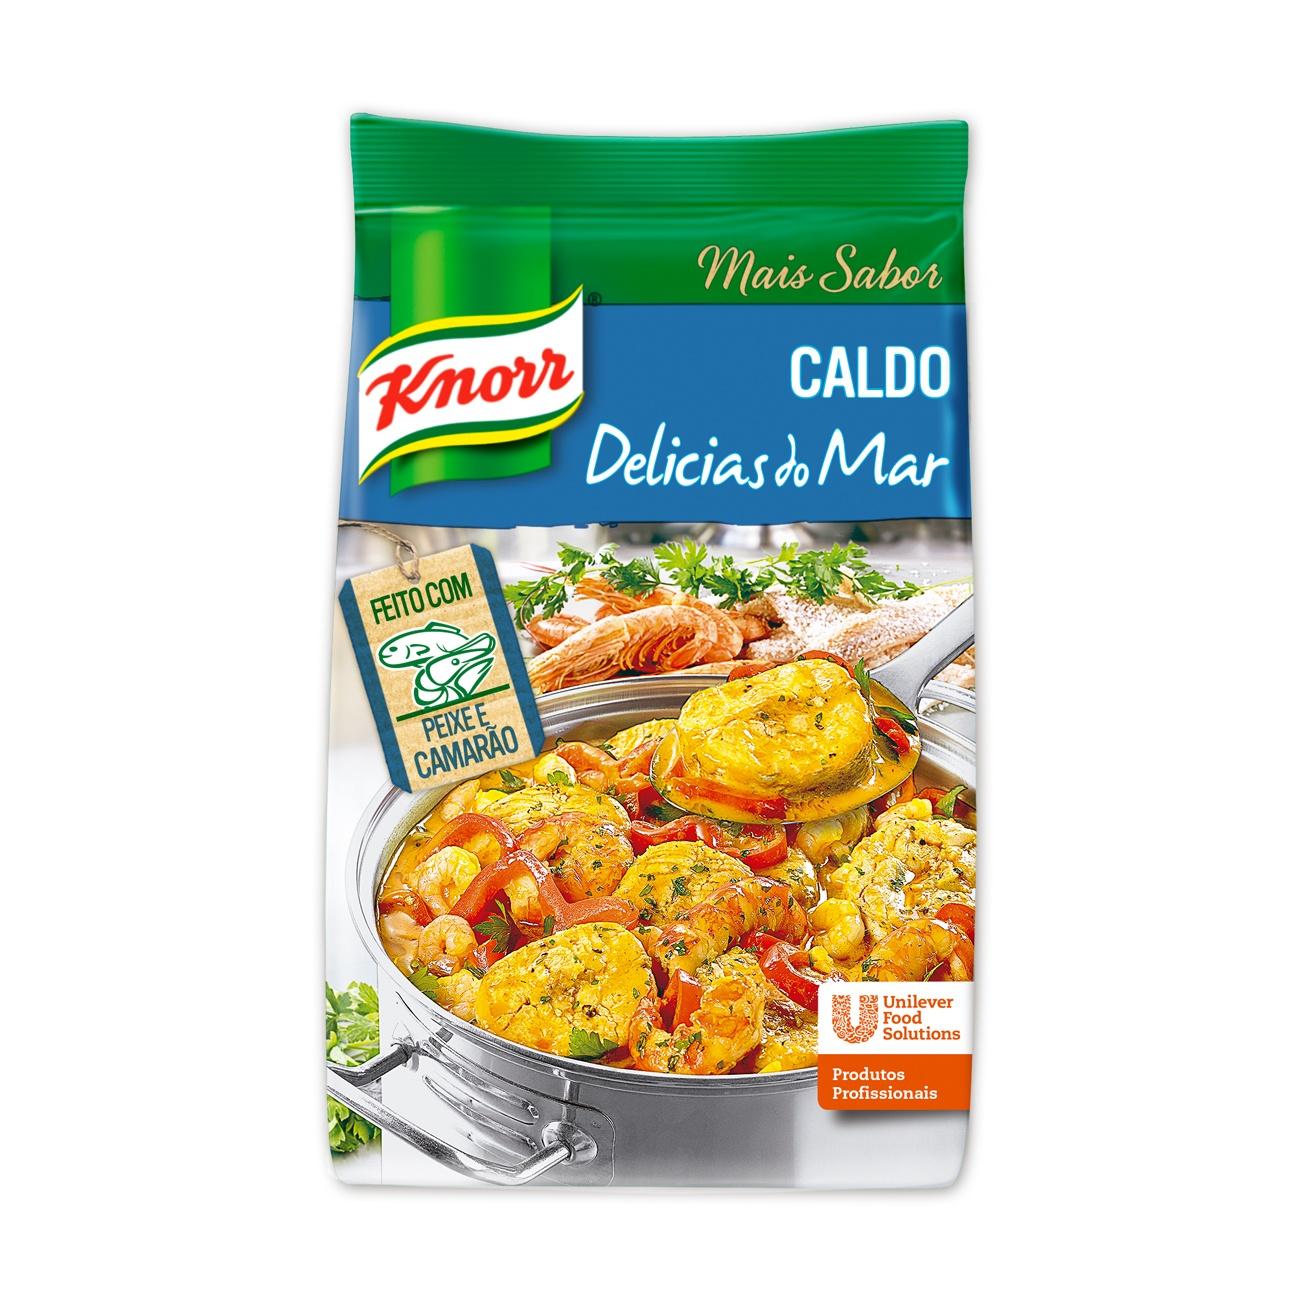 Caldo Delicias do Mar Knorr 1,01Kg